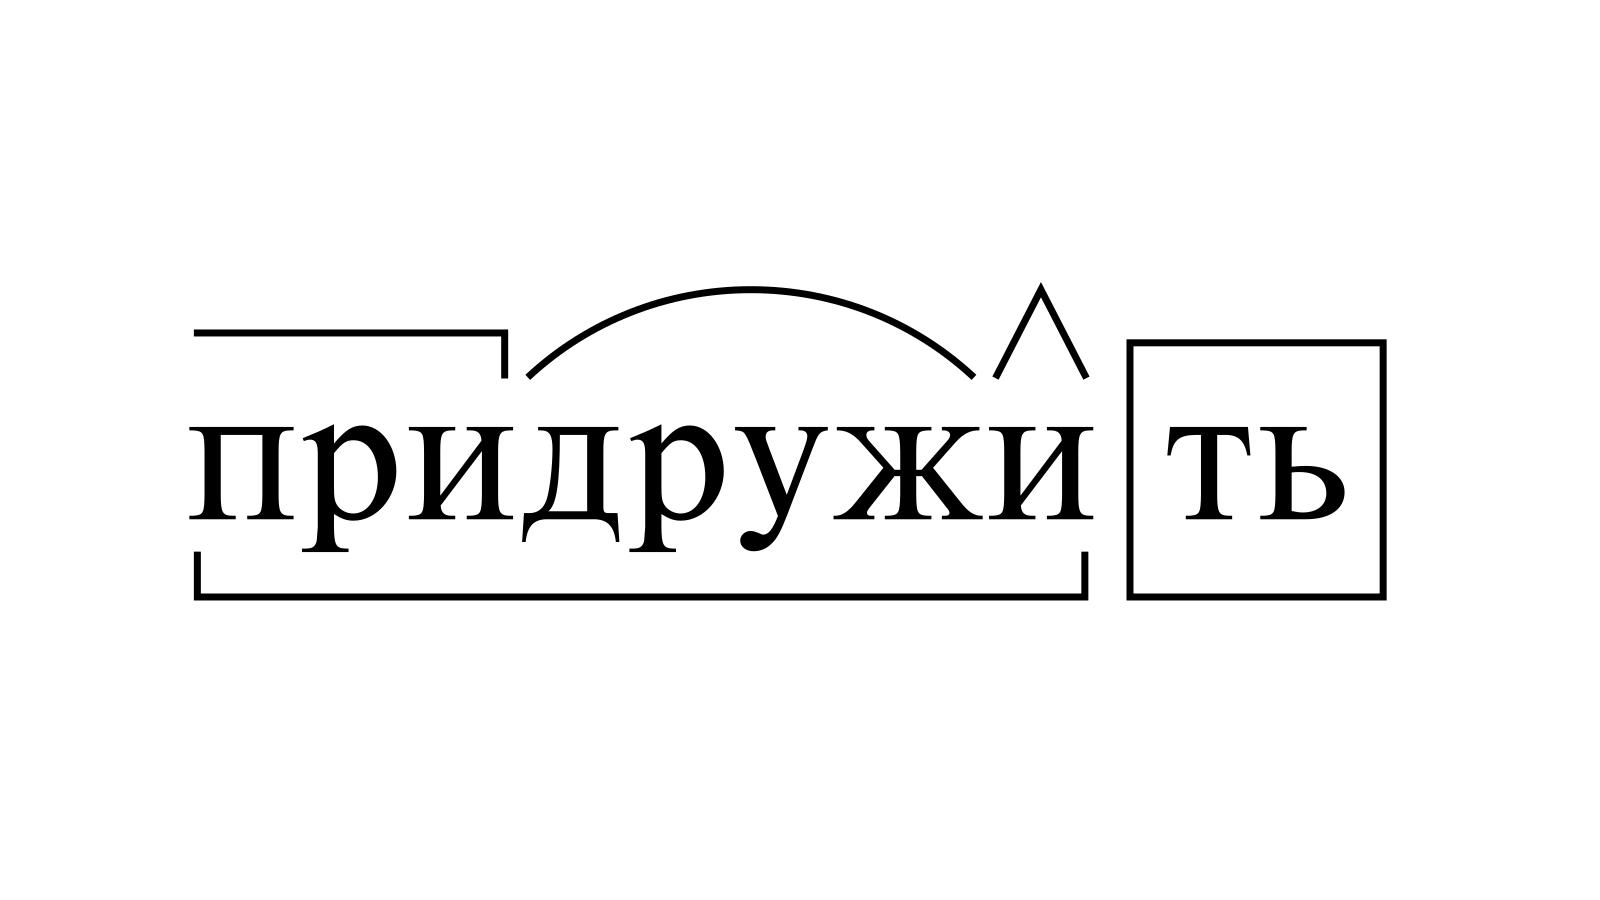 Разбор слова «придружить» по составу